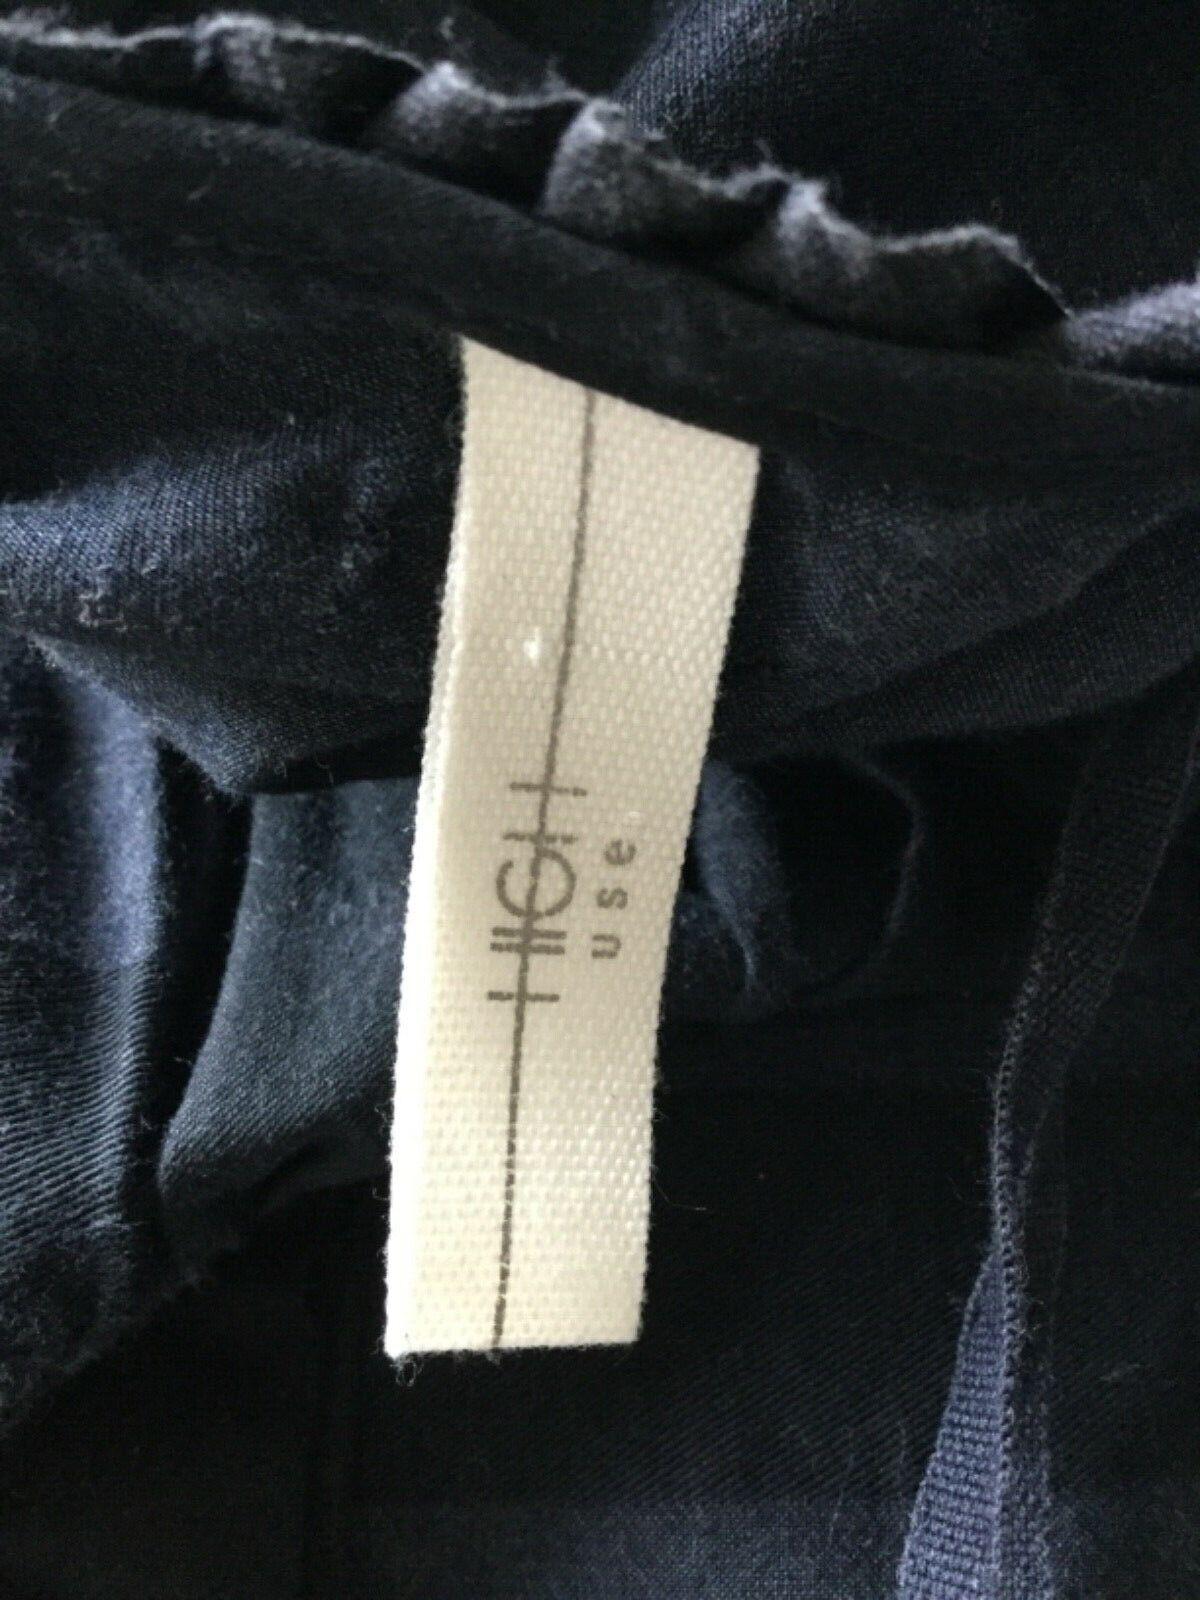 High Use Blause Shirt Shirt Shirt Oberteil Gr. 36, 1x getragen   | Wirtschaftlich und praktisch  | Eleganter Stil  | Große Ausverkauf  | Attraktives Aussehen  | Spielen Sie Leidenschaft, spielen Sie die Ernte, spielen Sie die Welt  36e888